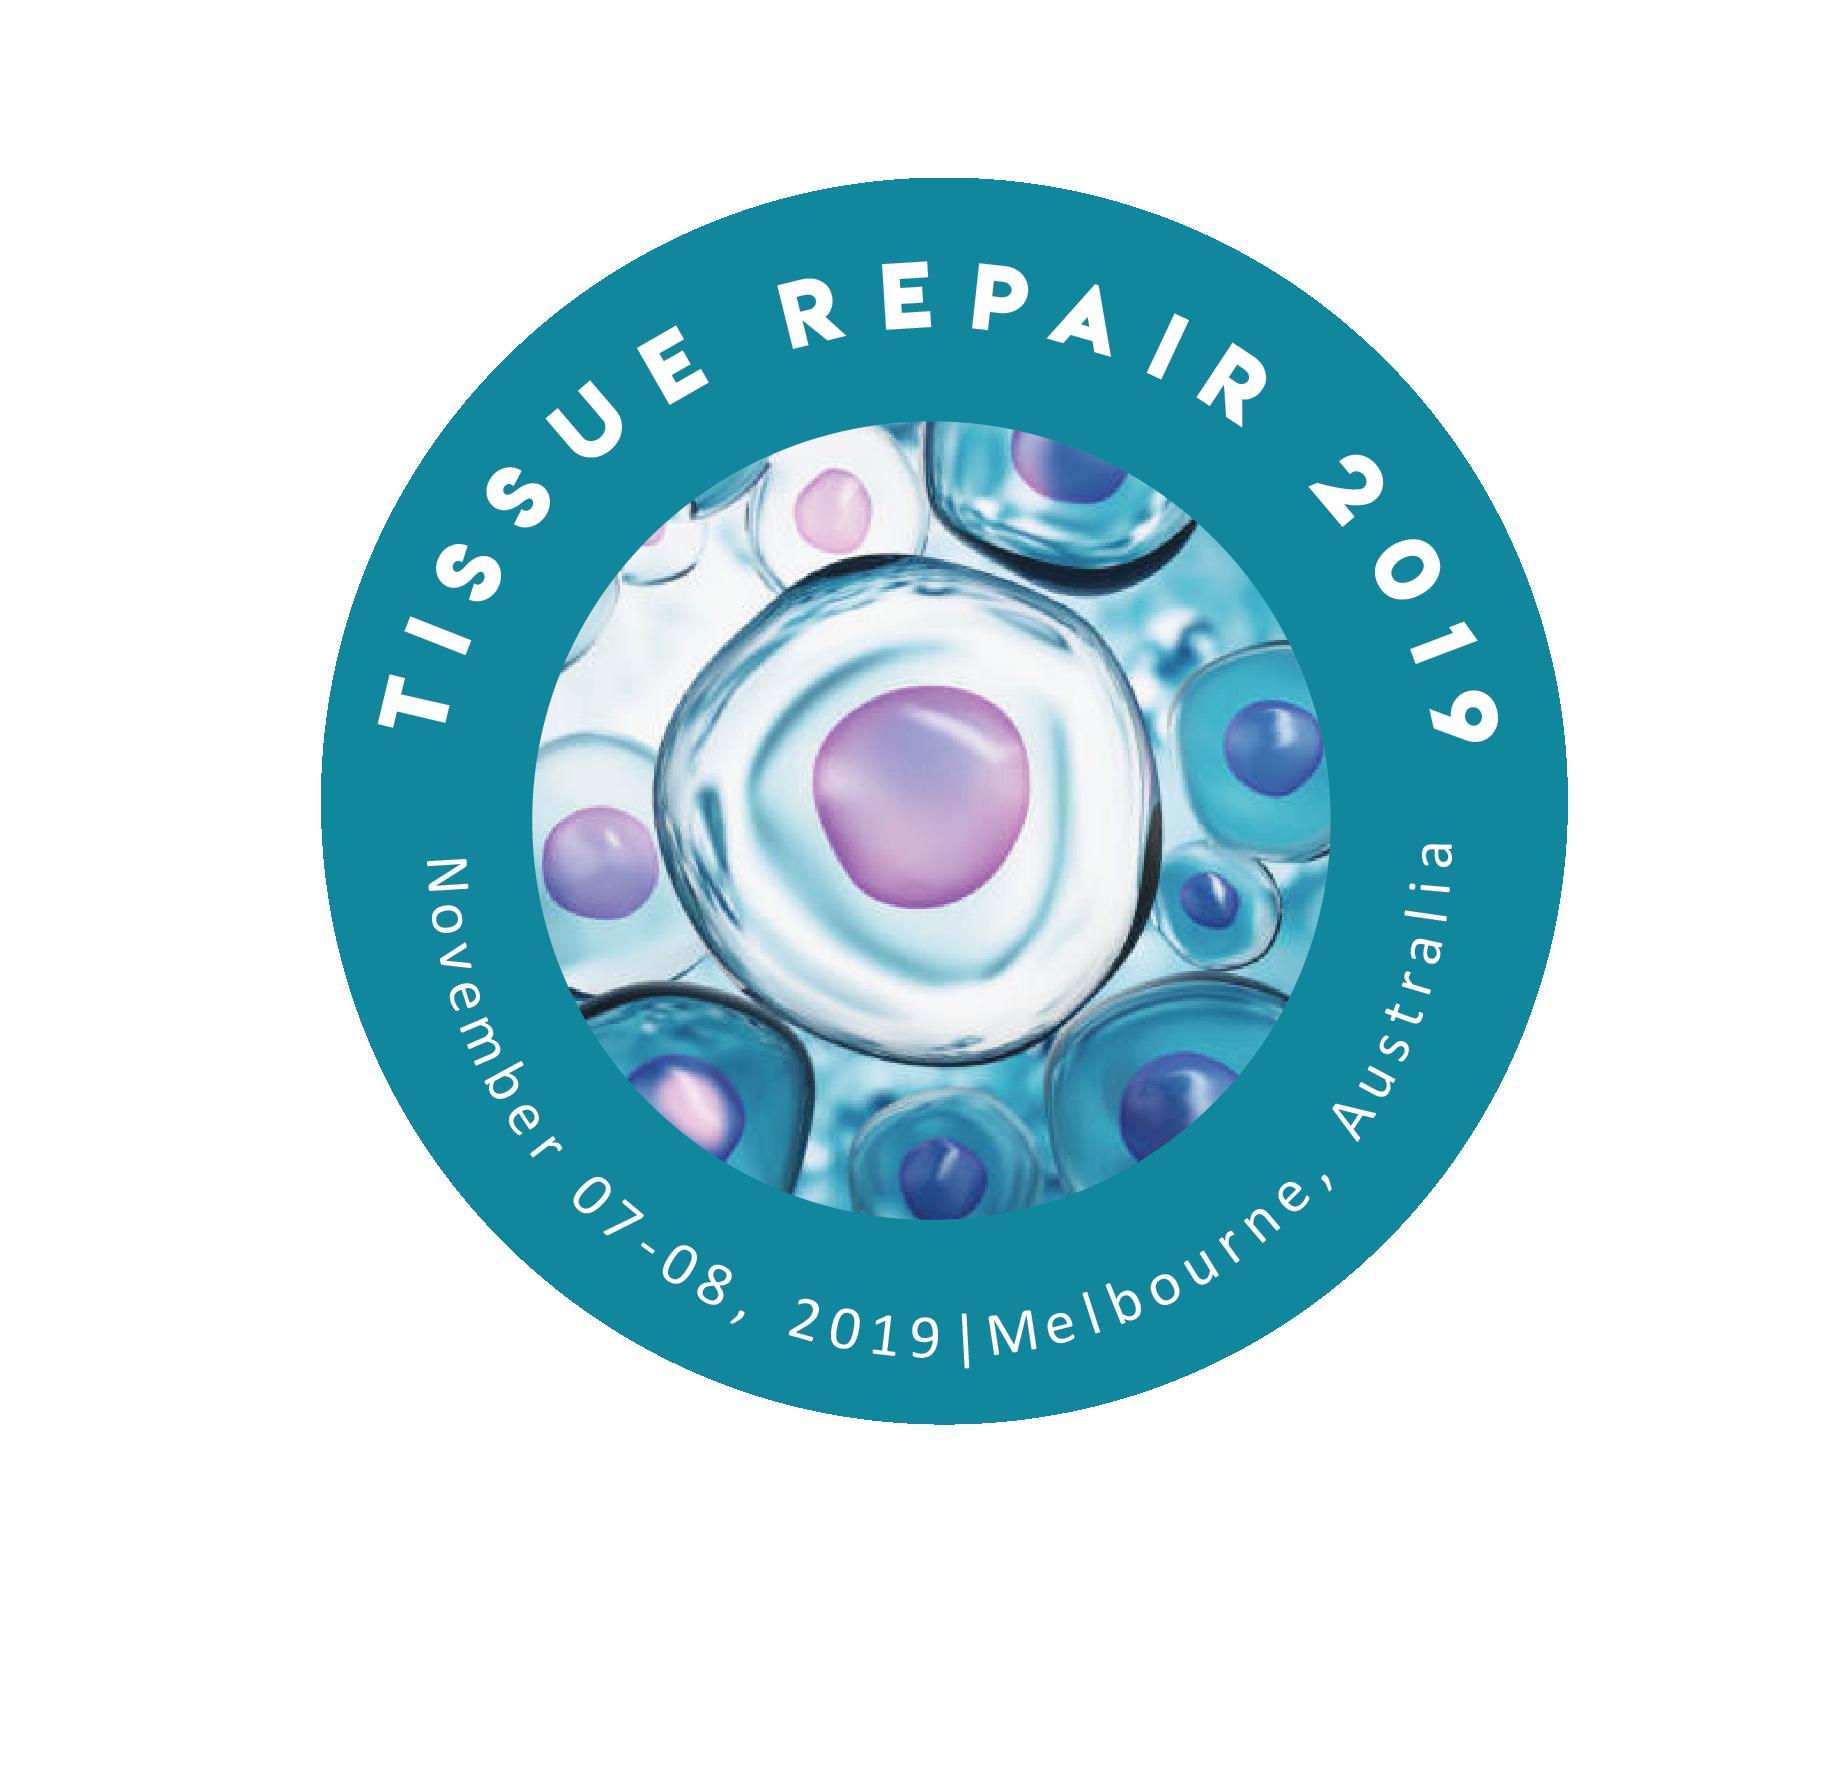 Tissue Repair Conference | Tissue Repair Congress | Tissue